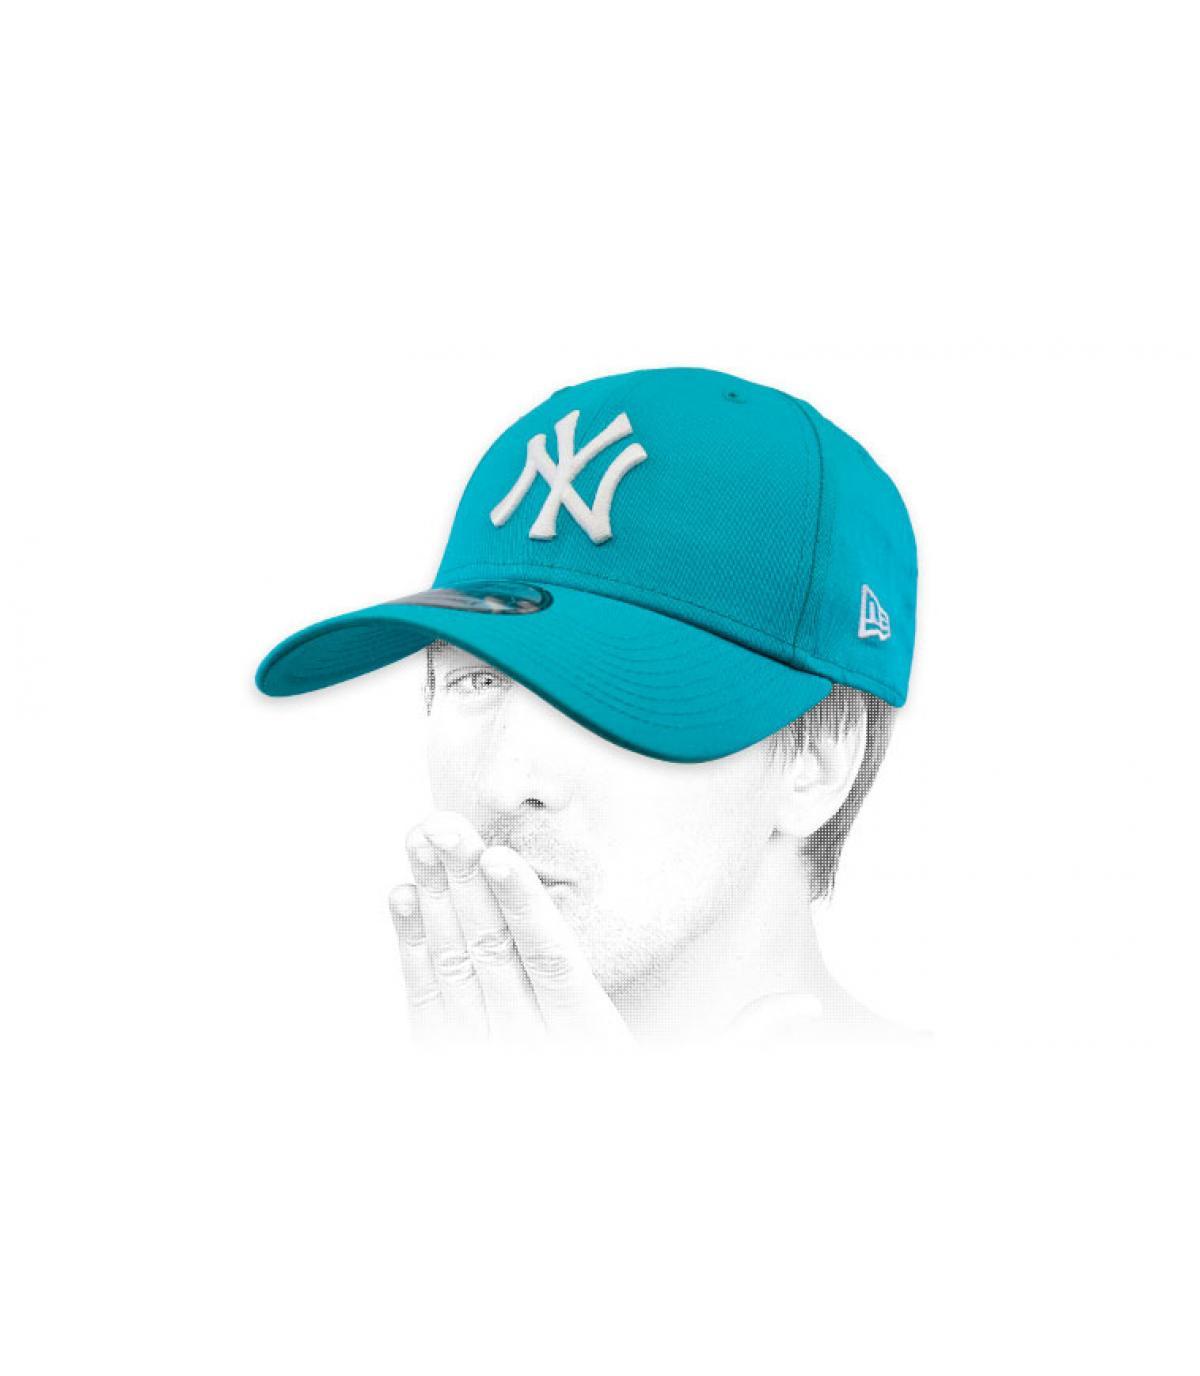 gorra NY azul blanco